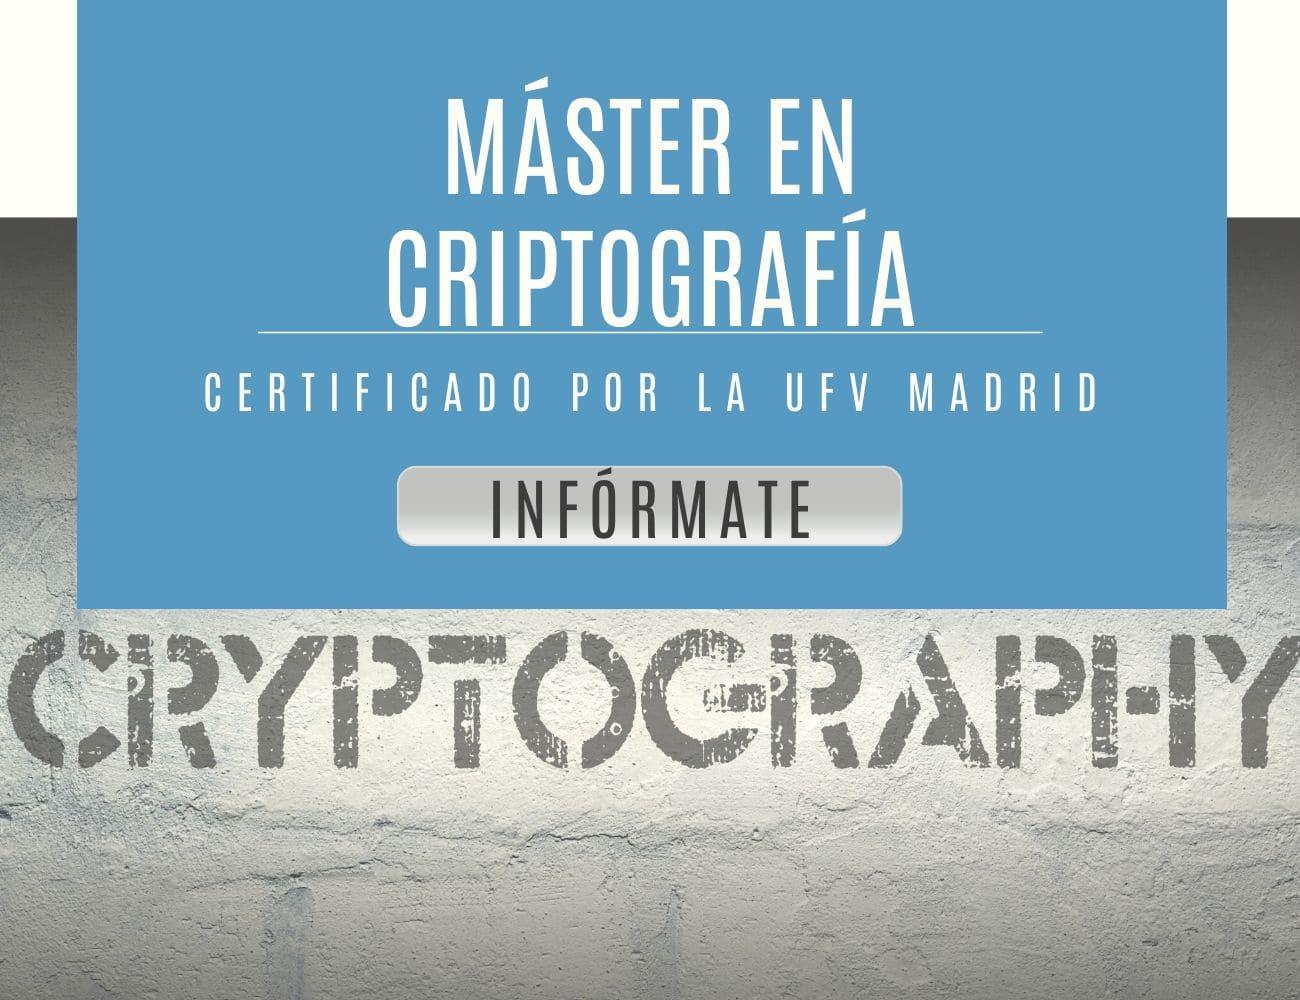 mastercriptografía